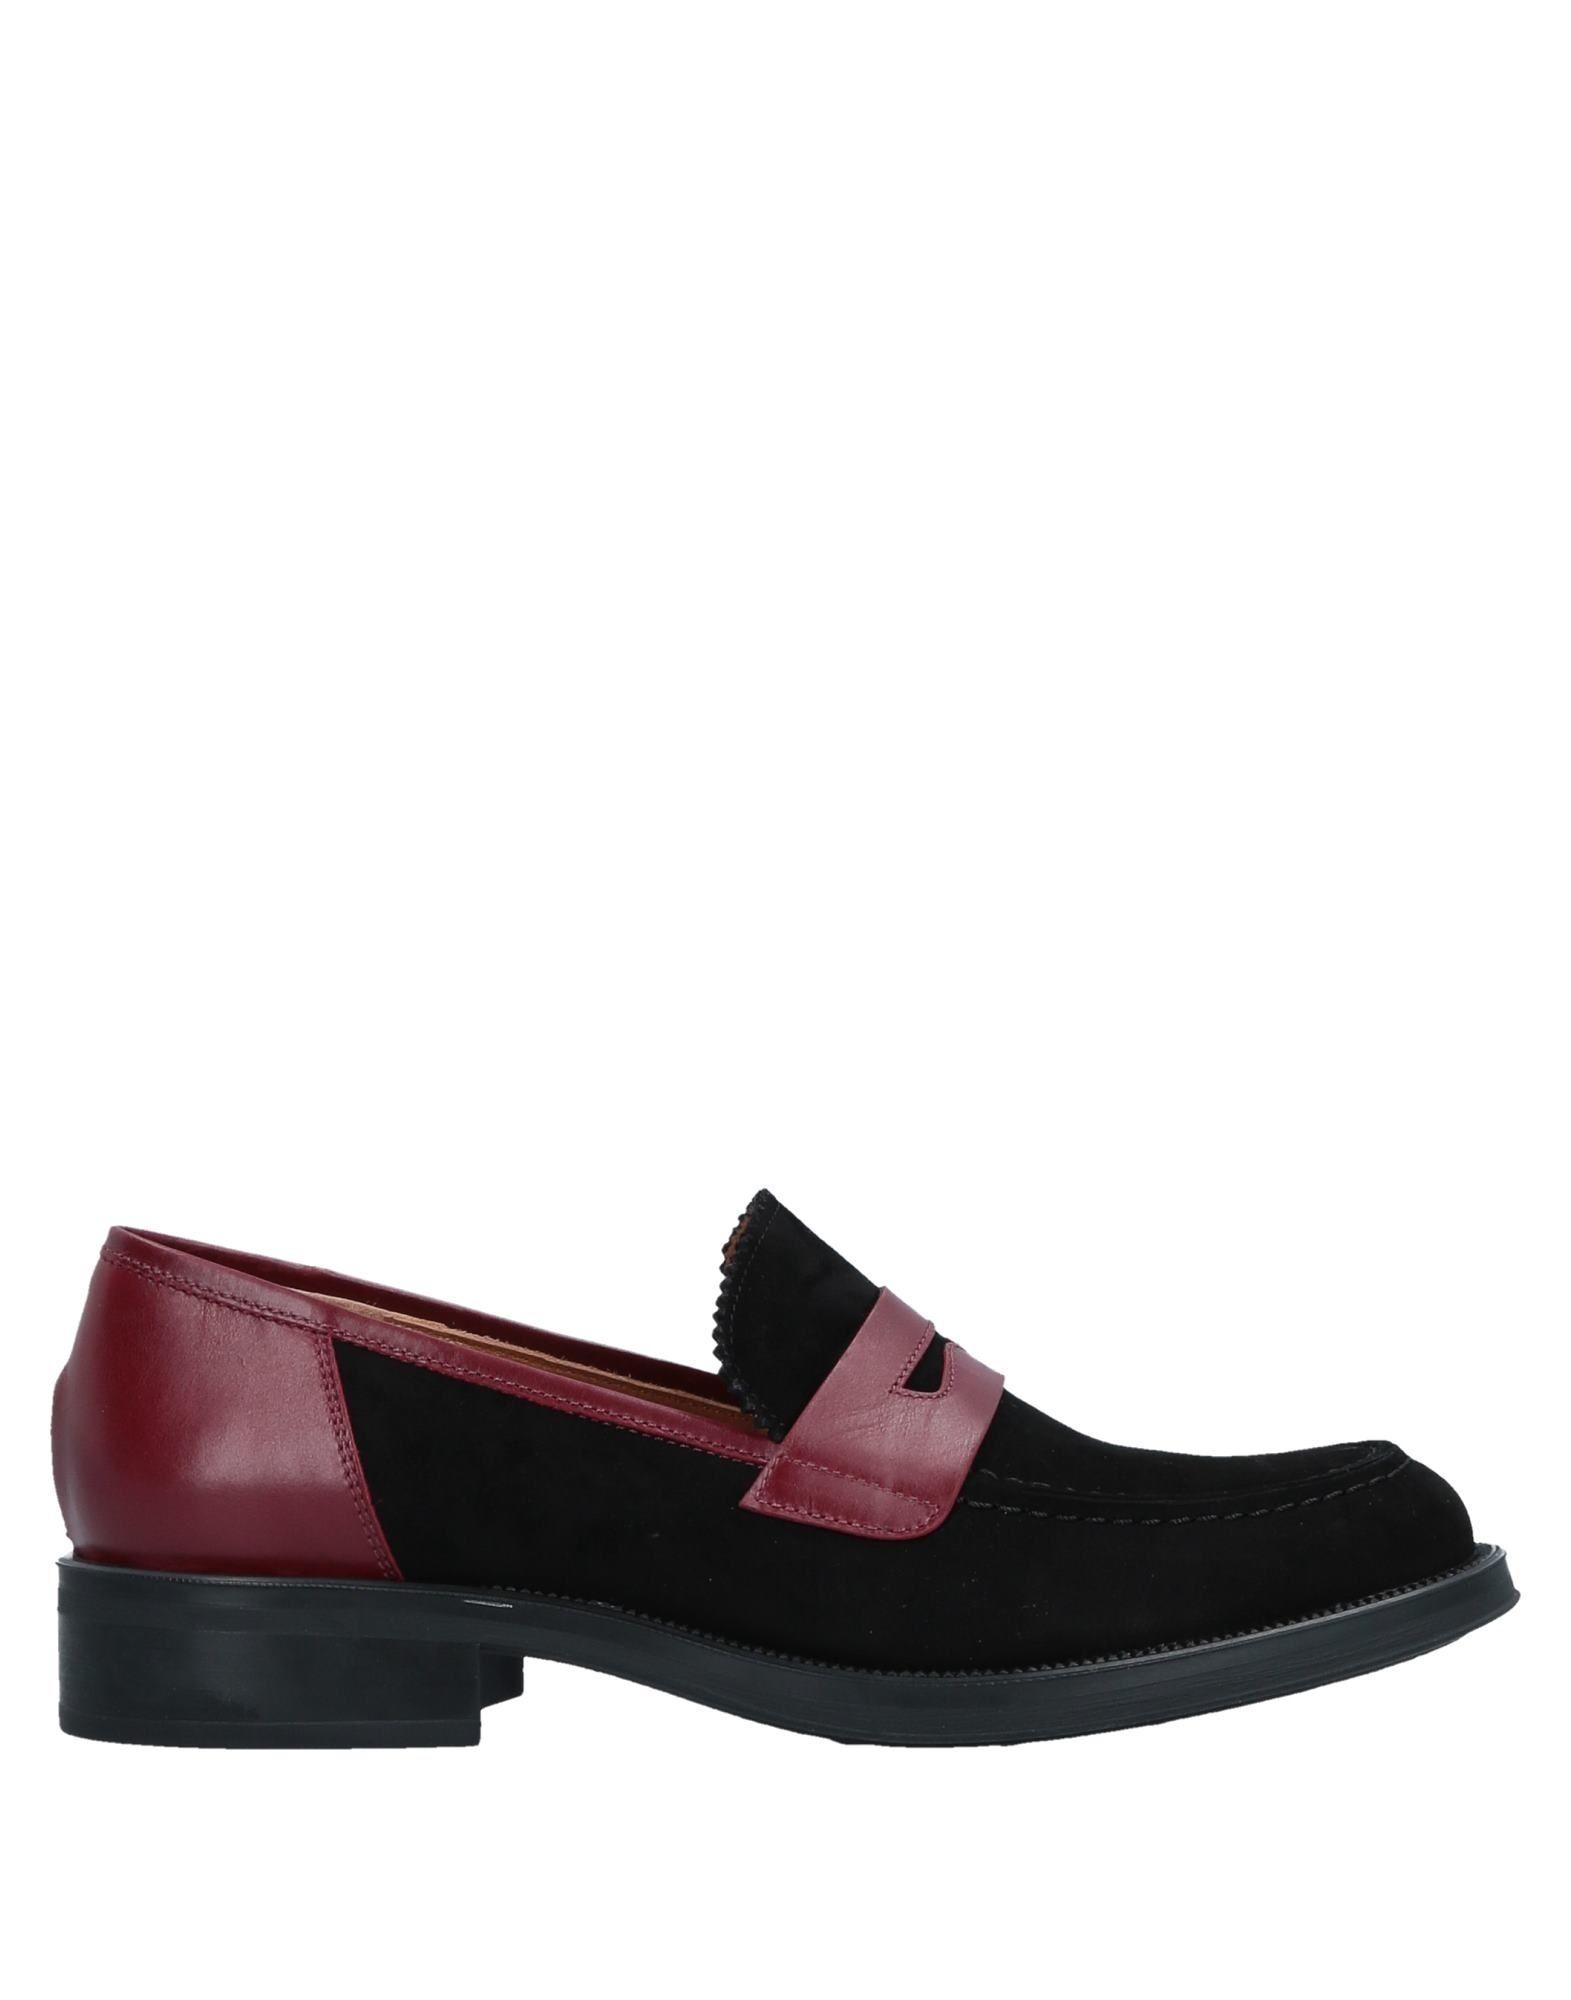 F.Lli Bruglia Mokassins Damen  11520216QAGut aussehende strapazierfähige Schuhe